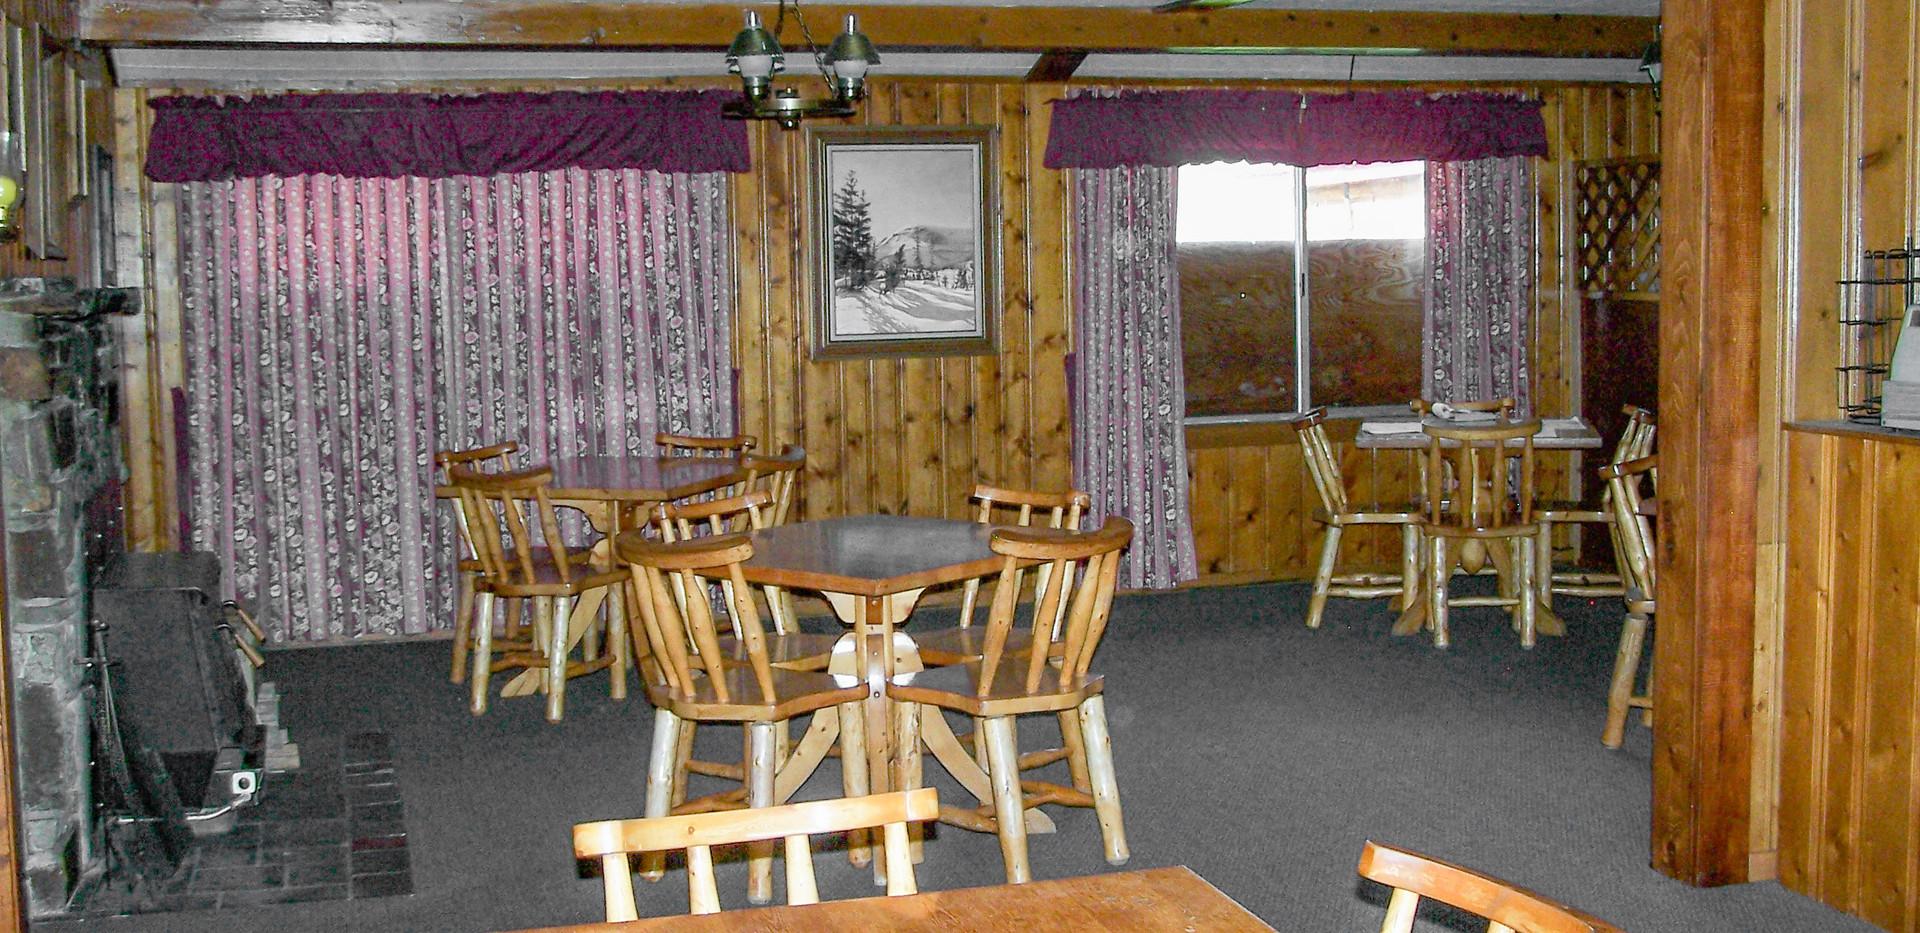 DiningRoom-Restaurant.jpg